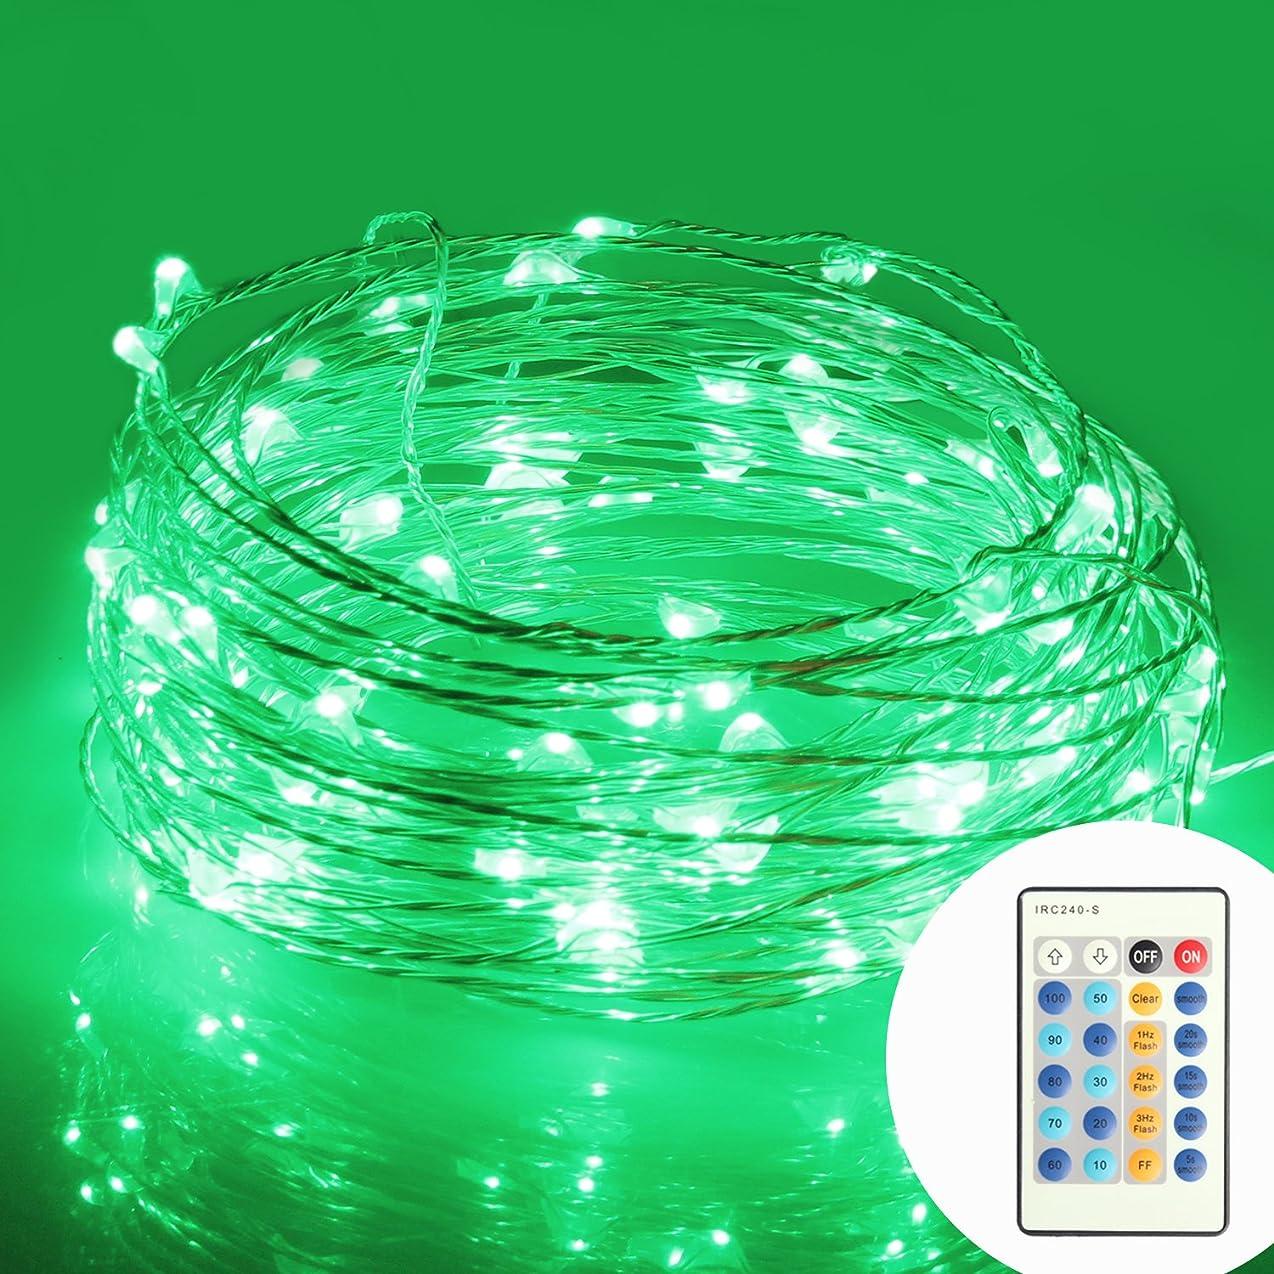 普及汚染する一生(モニコ)MONIKO イルミネーション 防水 コントローラー付 省エネ LED パーティー用電飾 メリクリスマス飾り ストリングライト 100球10m (グリーン)